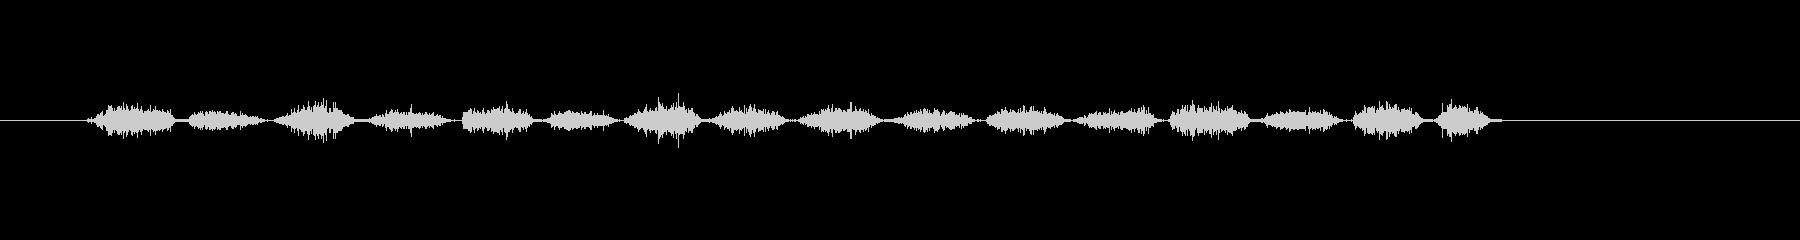 【フェルトペン03-10(塗りつぶす)】の未再生の波形